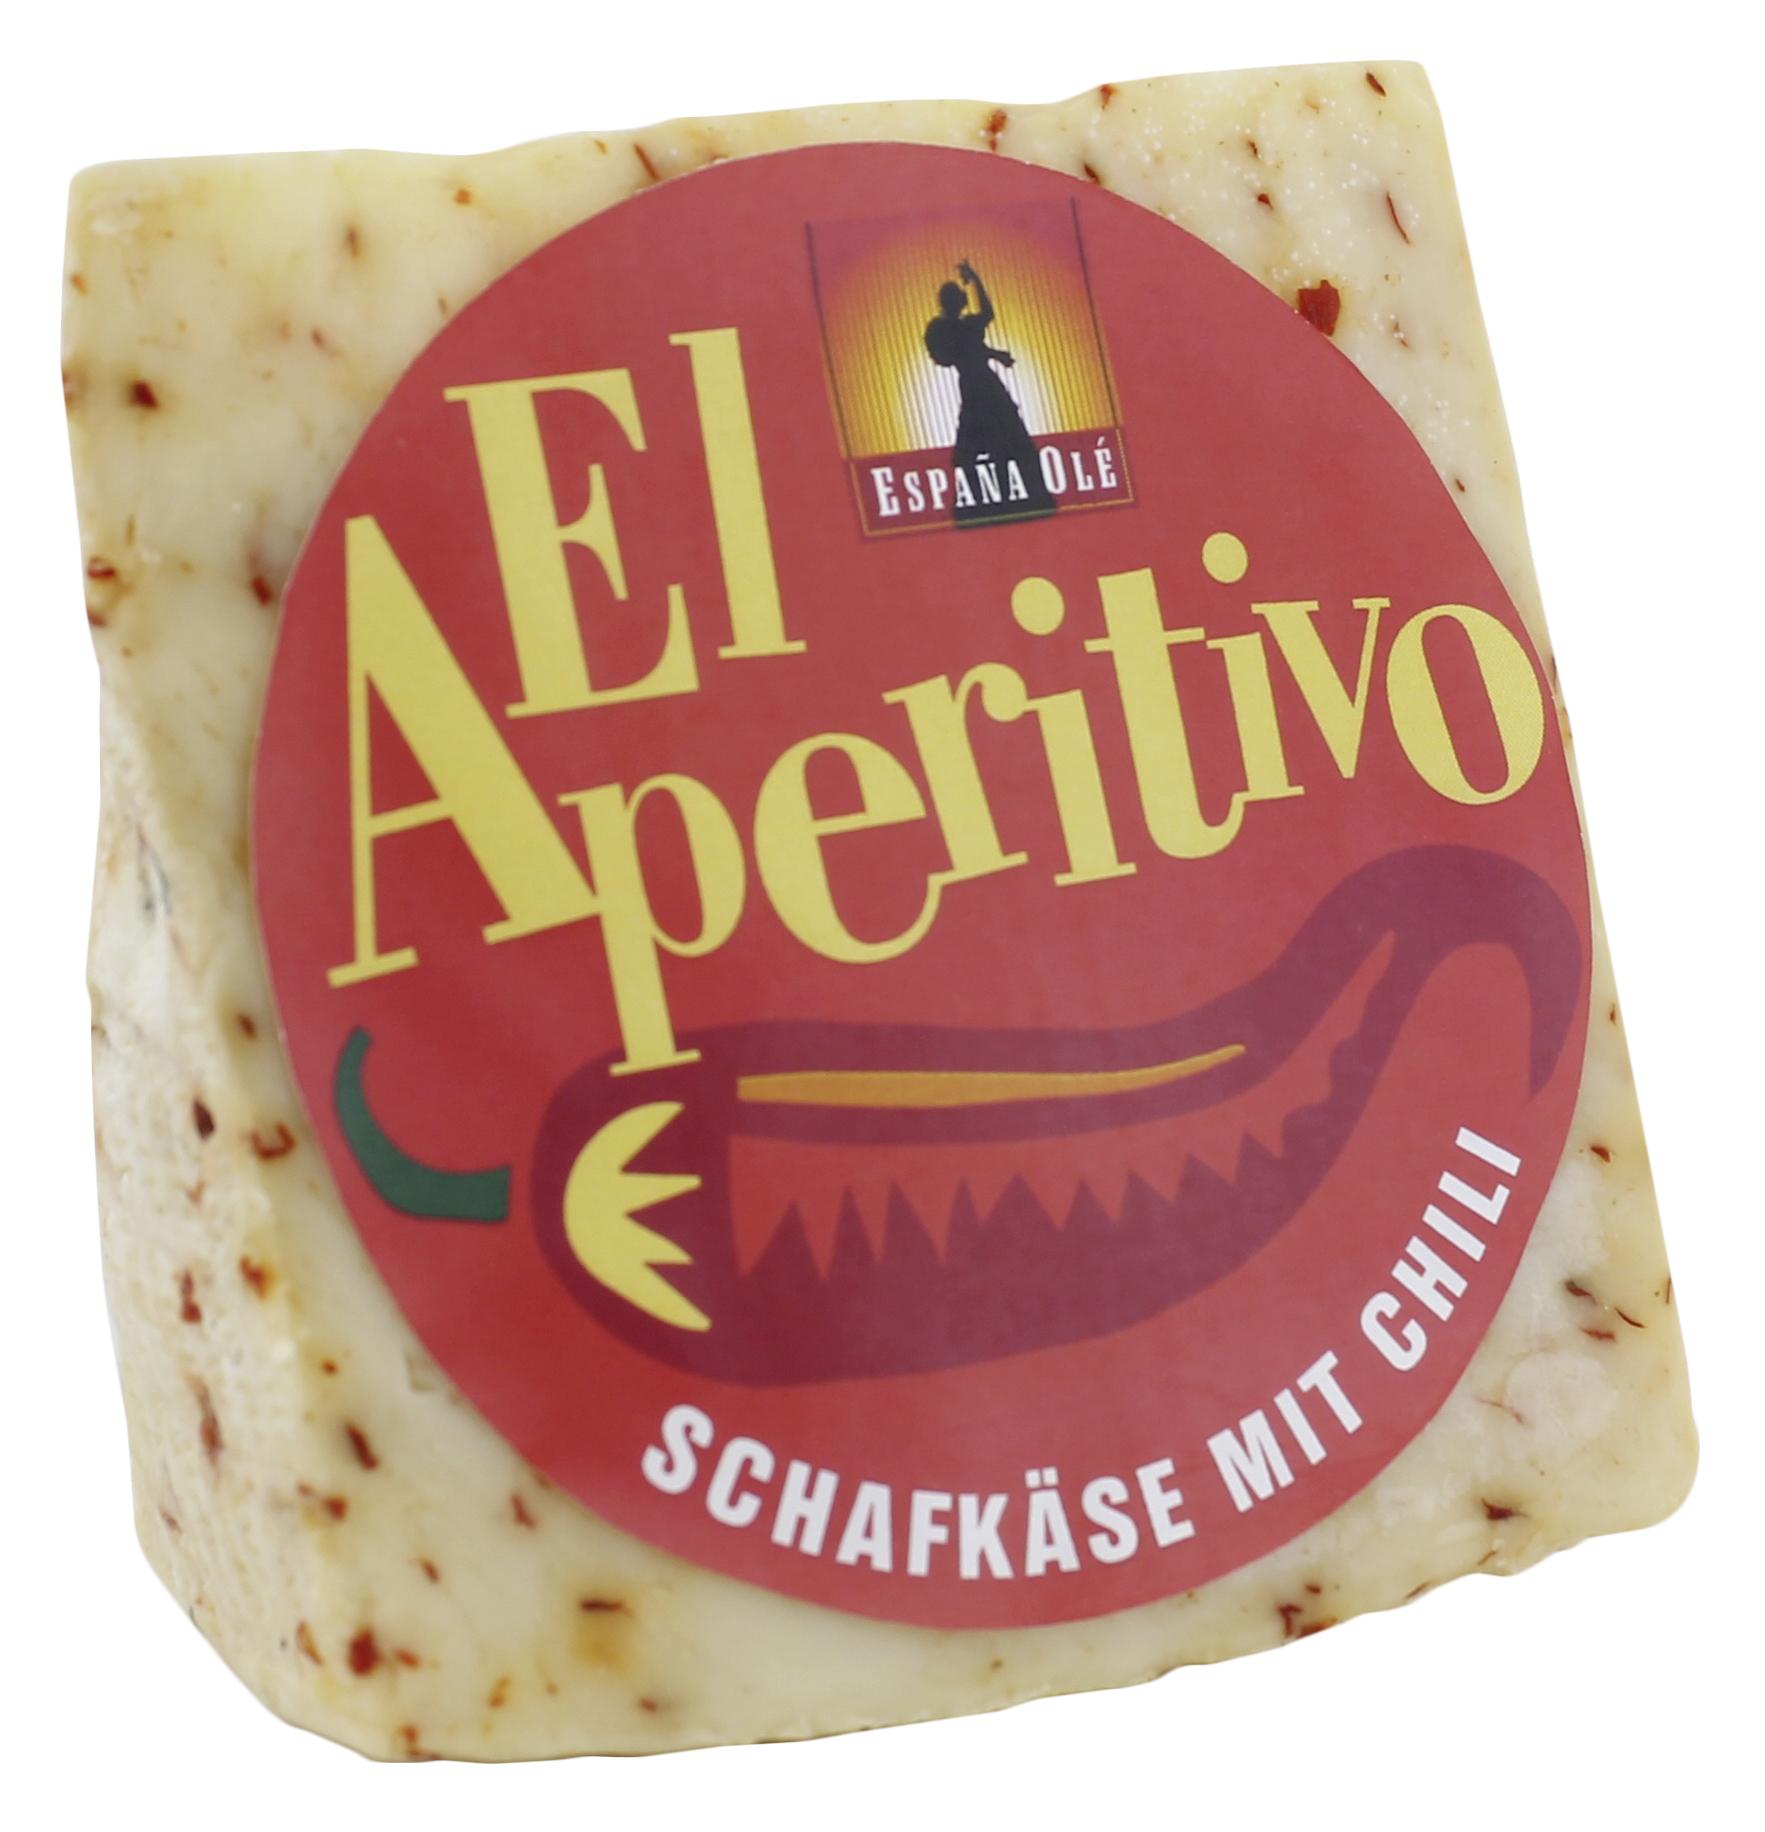 El Aperitivo Schafskäse mit Chili 200g